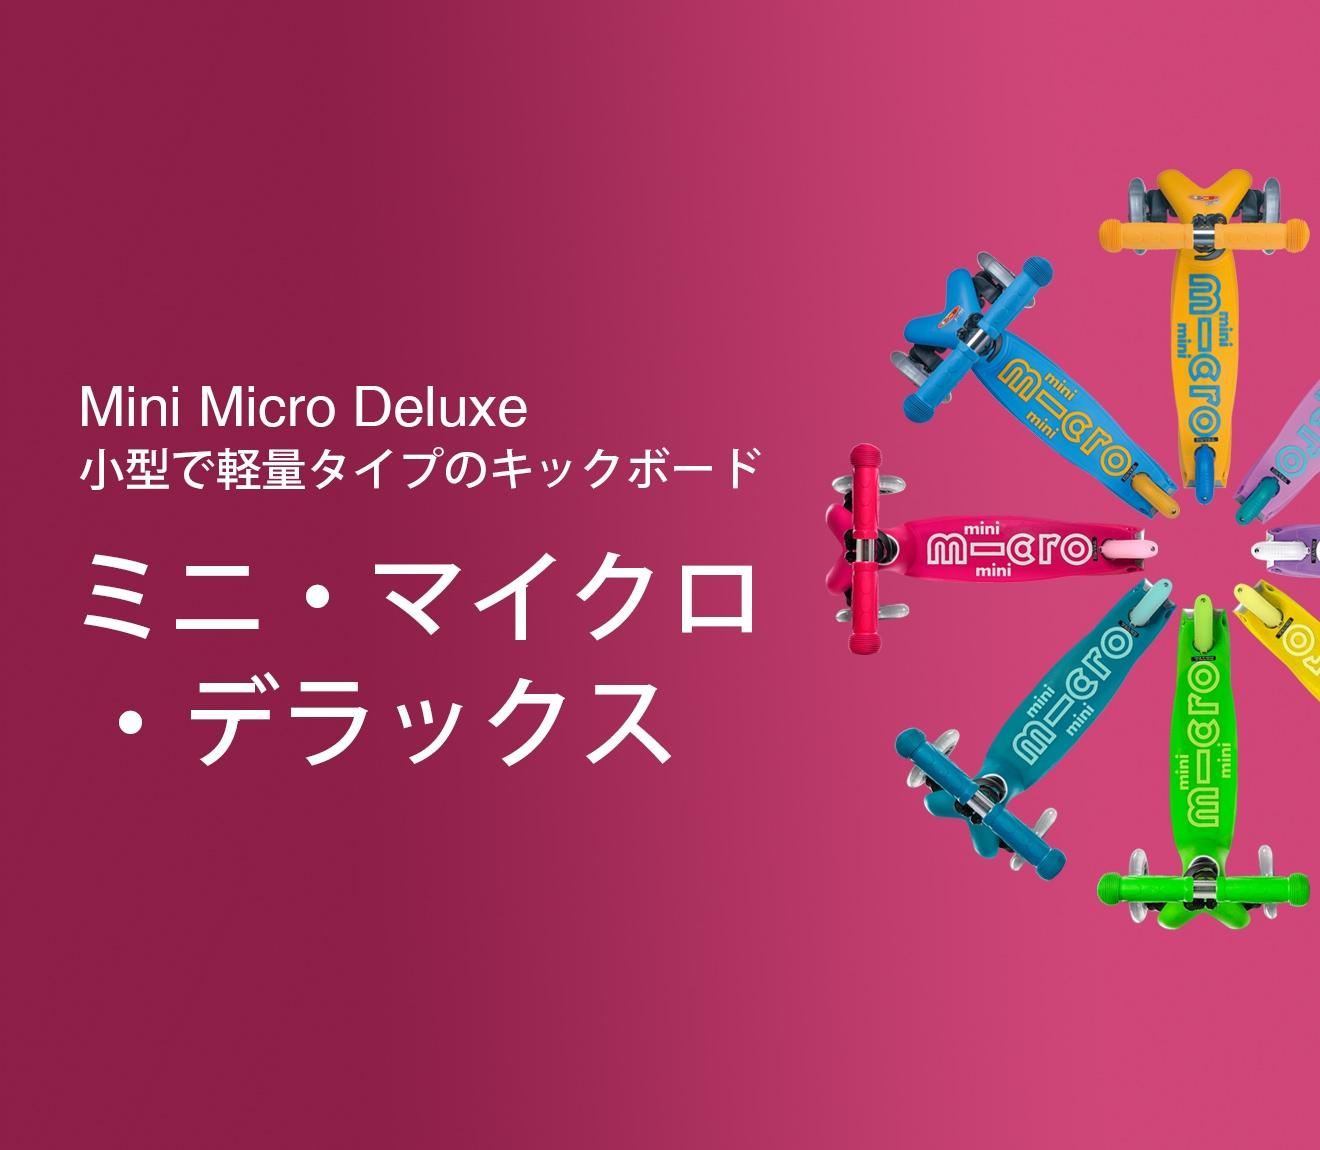 mini deluxe